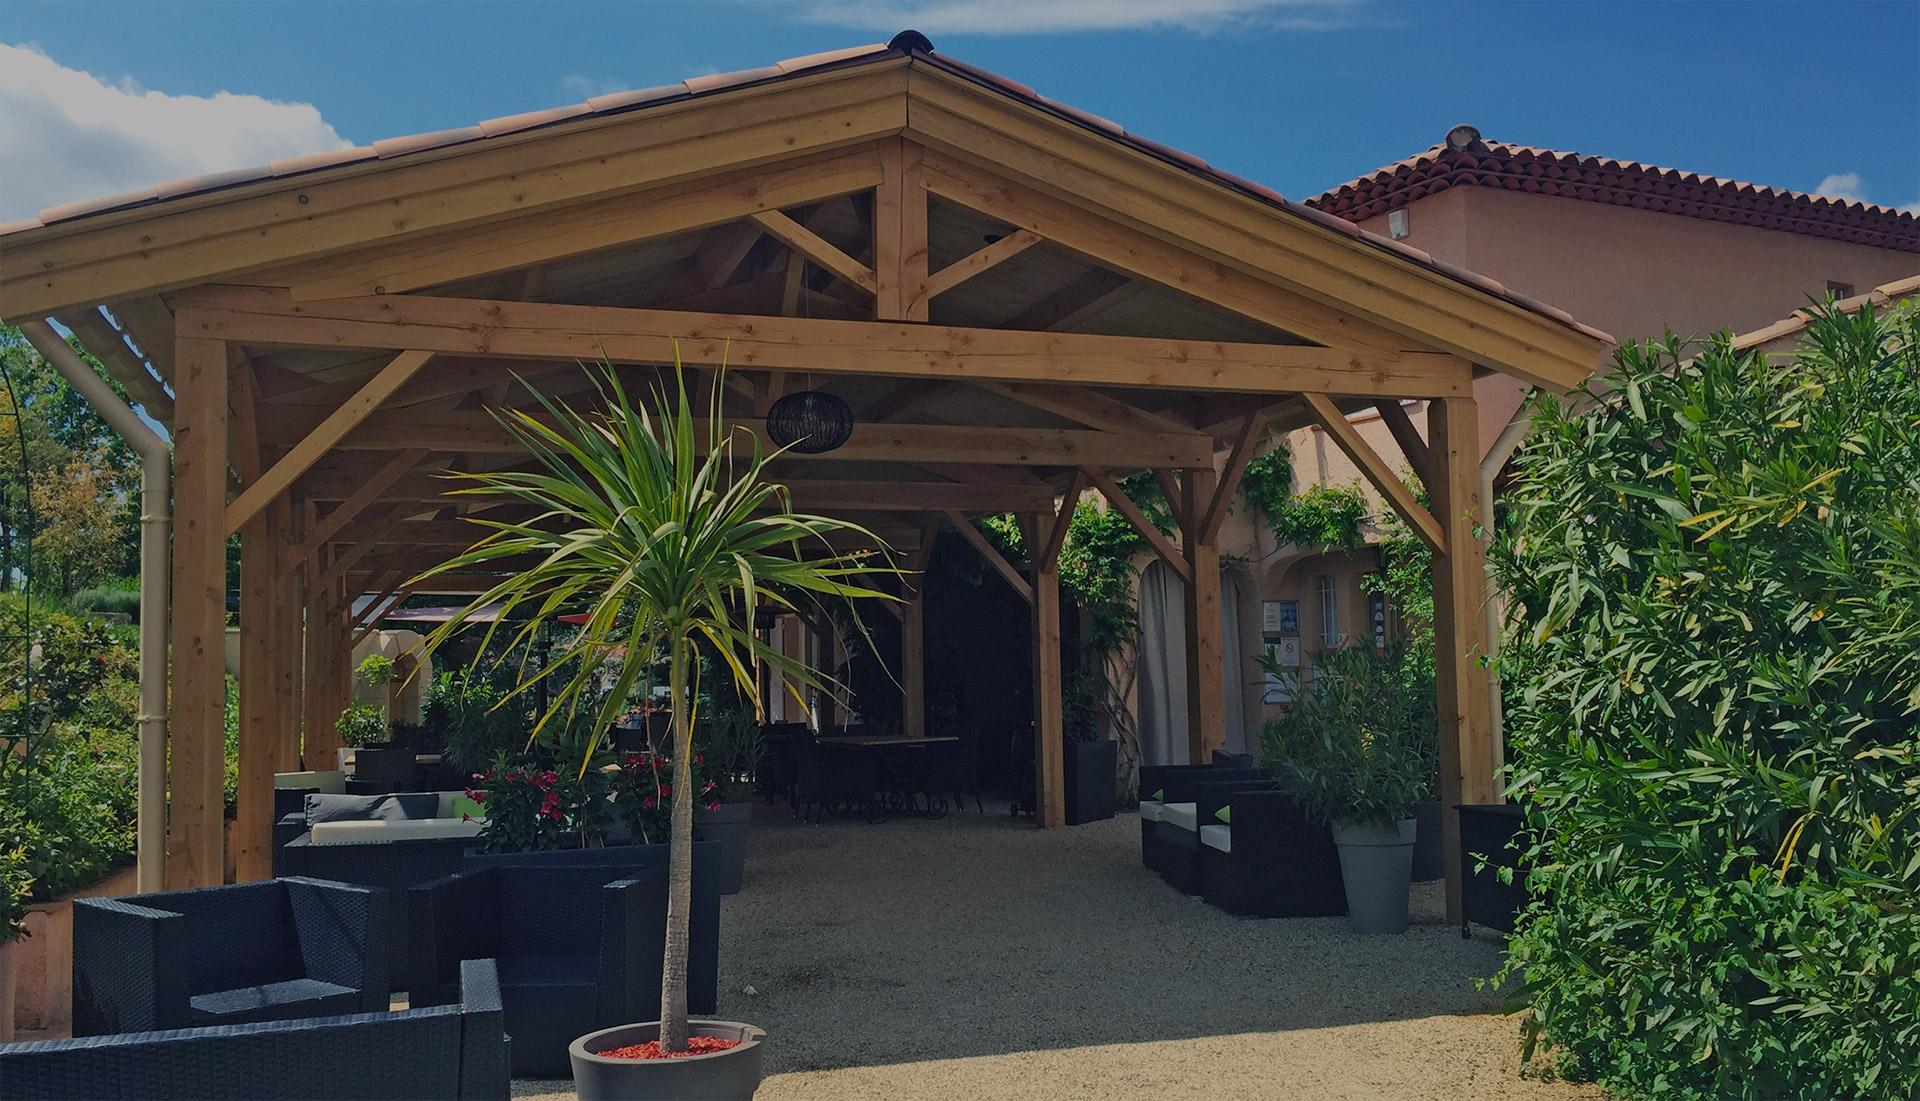 Restaurant, Chambres D'hôtes Et Spa À Valensole | Le Jardin ... concernant Restaurant Avec Jardin Ile De France